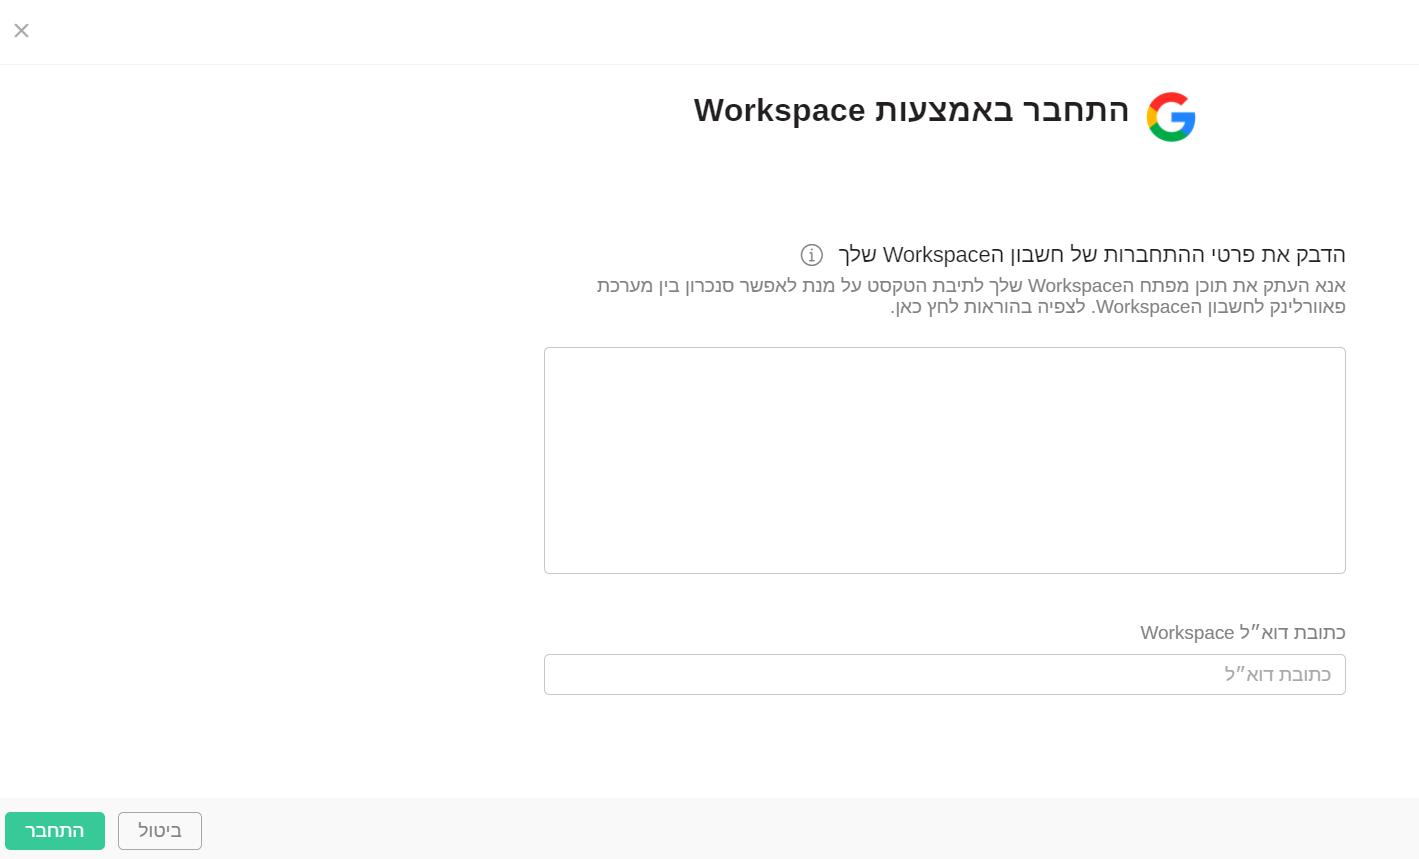 התחברות לתיבת דואל שיתופית באמצעות Workspace